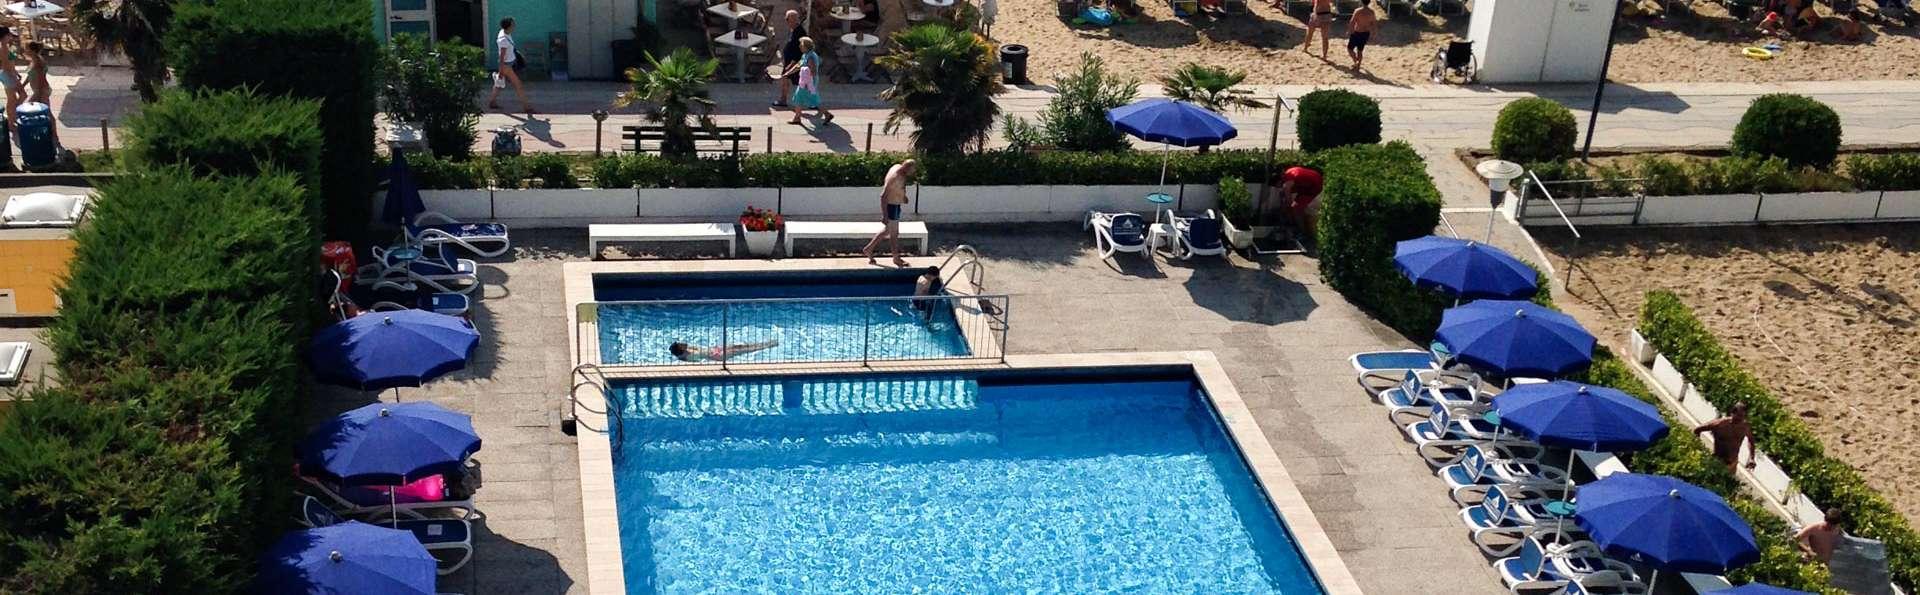 Hotel Heron - EDIT_POOL_02.jpg